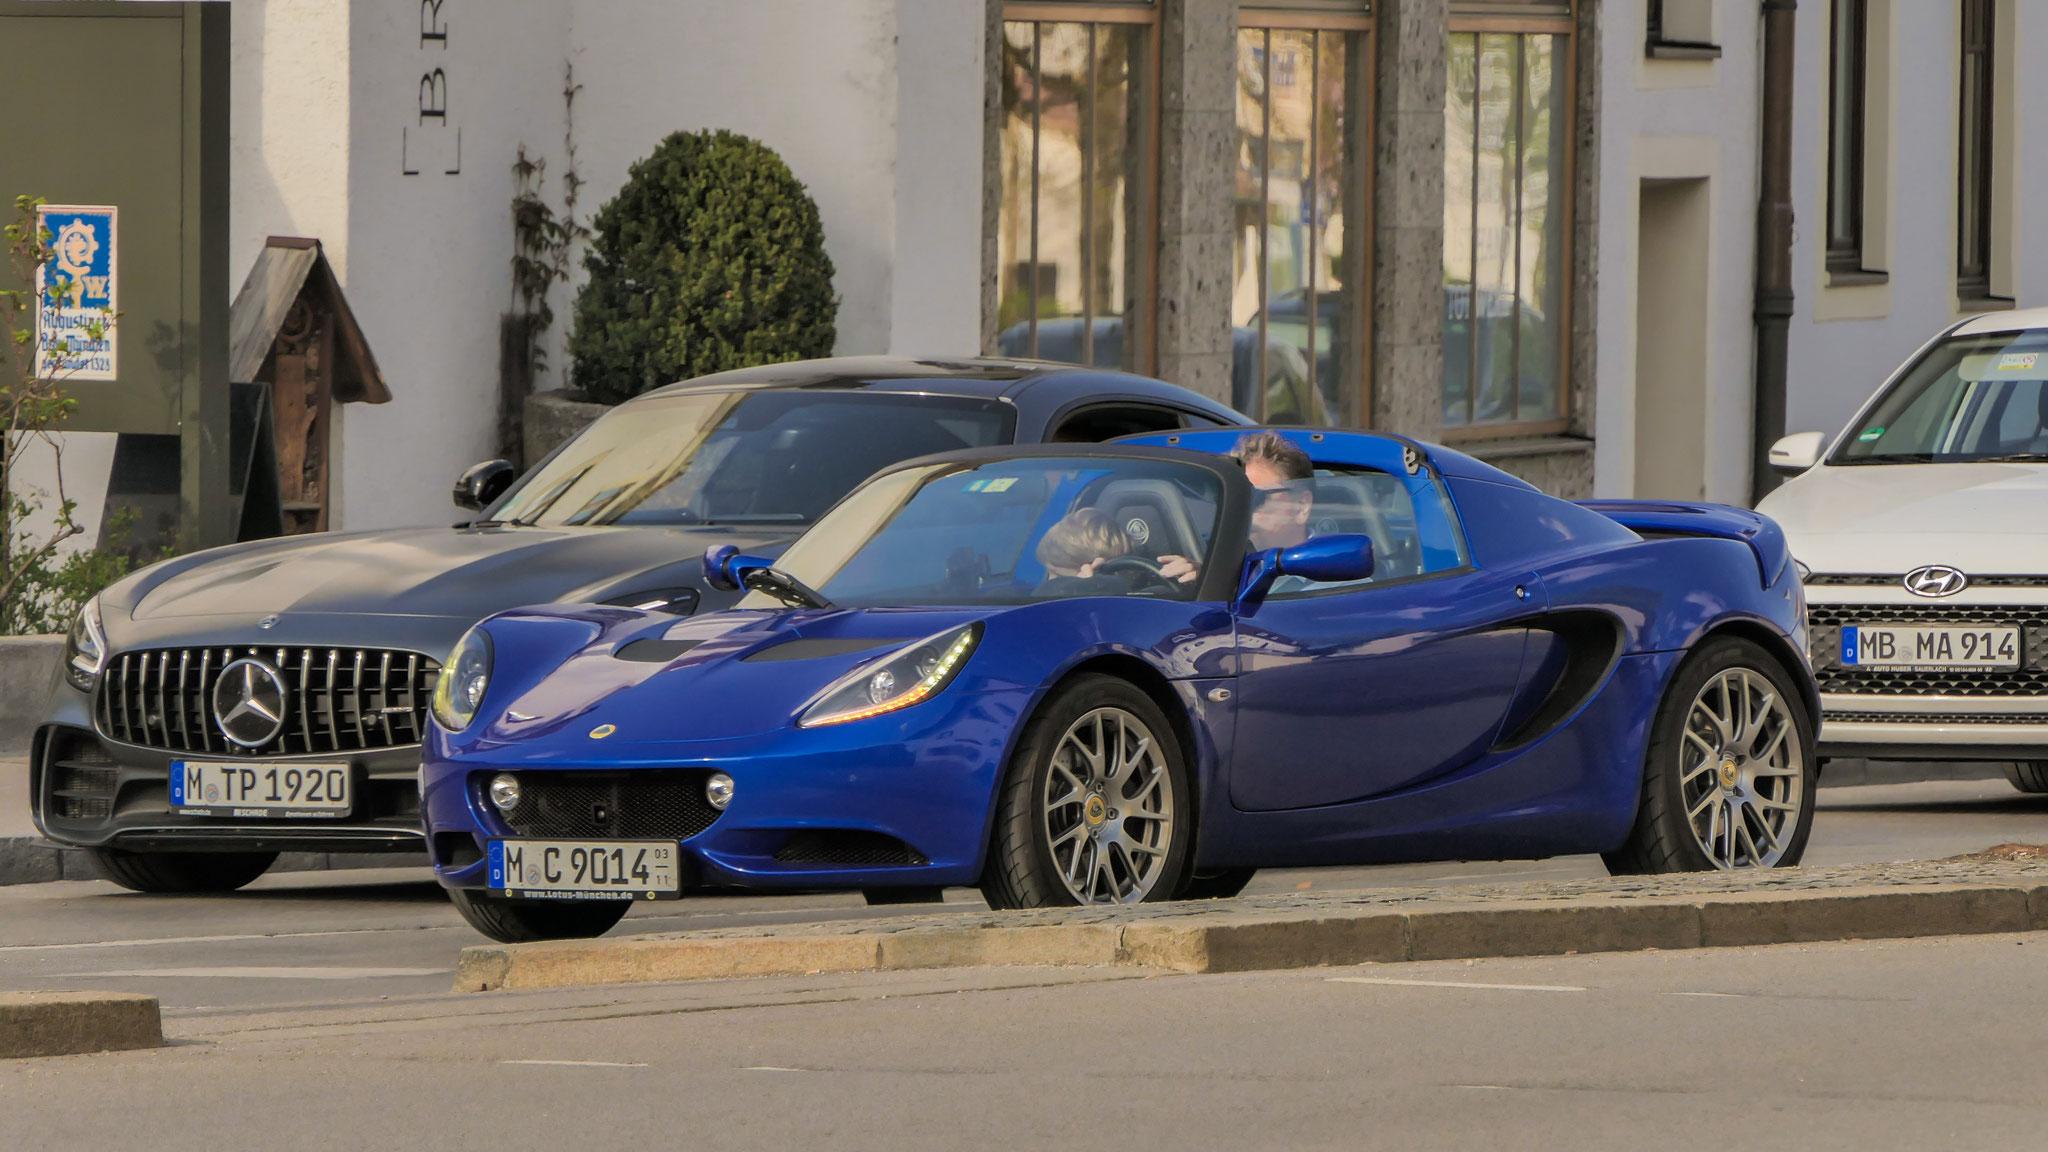 Lotus Elise S3 - M-C-9014